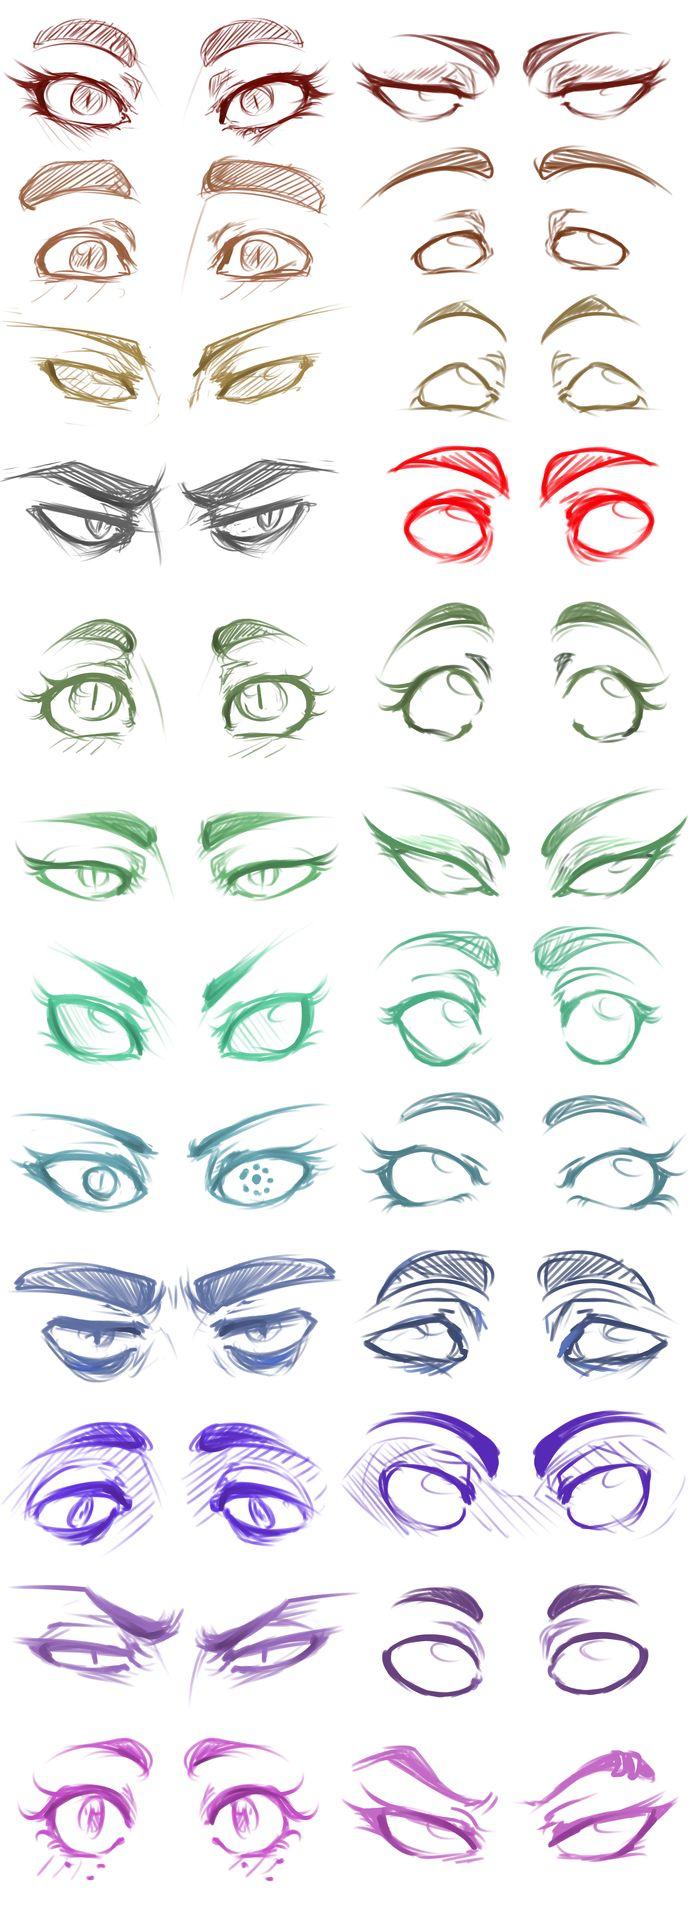 Exemplos de quão expressivos os olhos podem ser. Source: http://rebloggy.com/blog/panicismyrain (PanicIsMyRain)